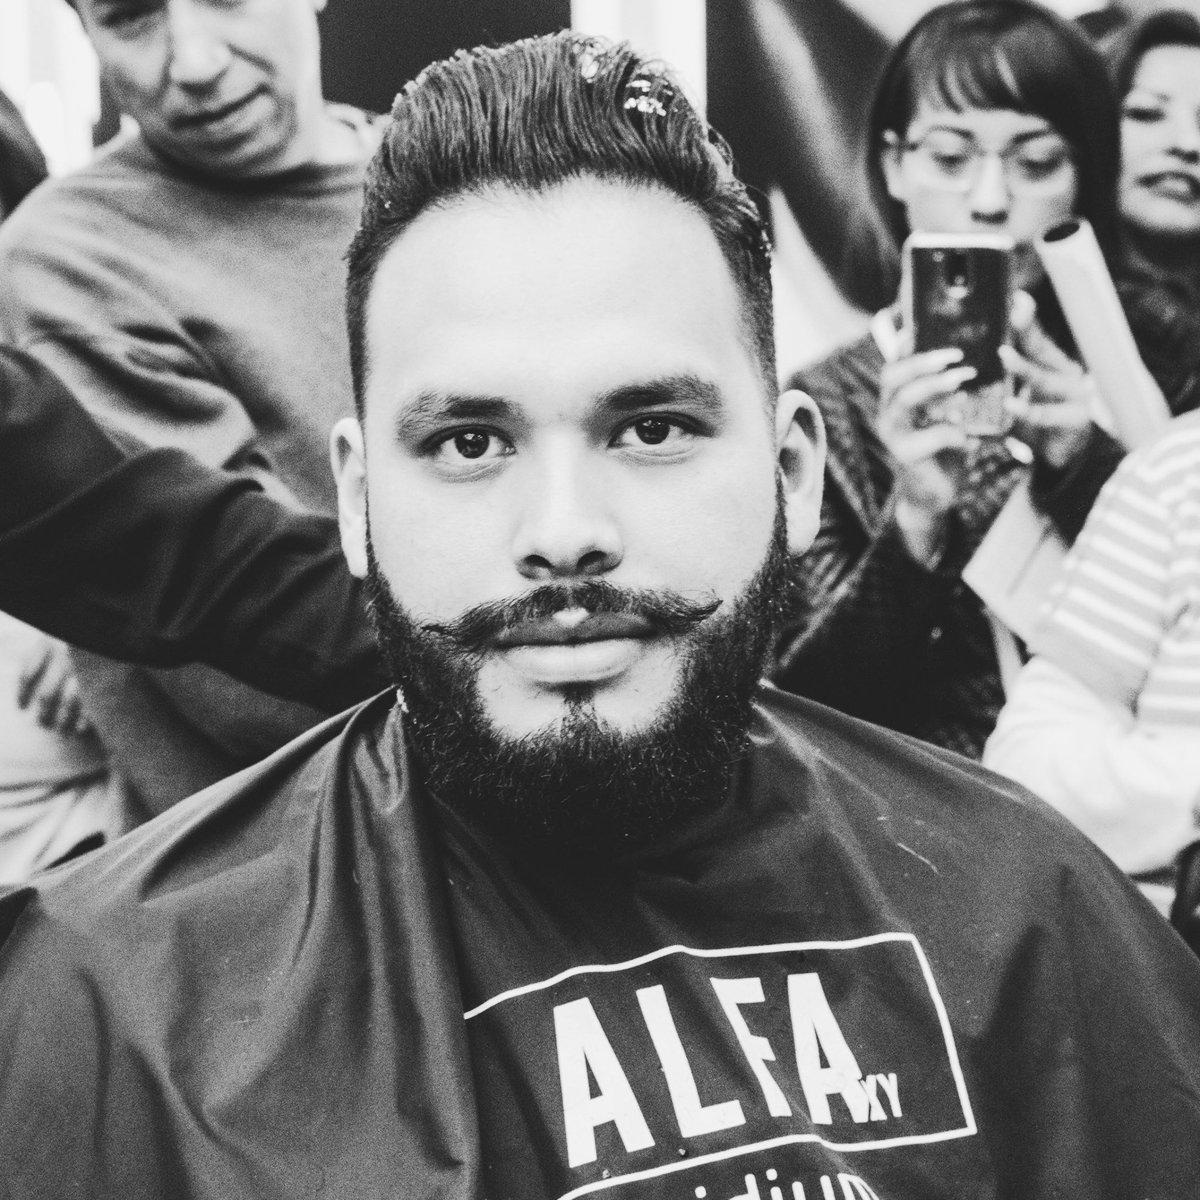 RT @AlfaXYoficial: #QueMeRecuerdenPor ser todo un #CaballeroAlfa y no un Canalla. https://t.co/LeytGXbfDI